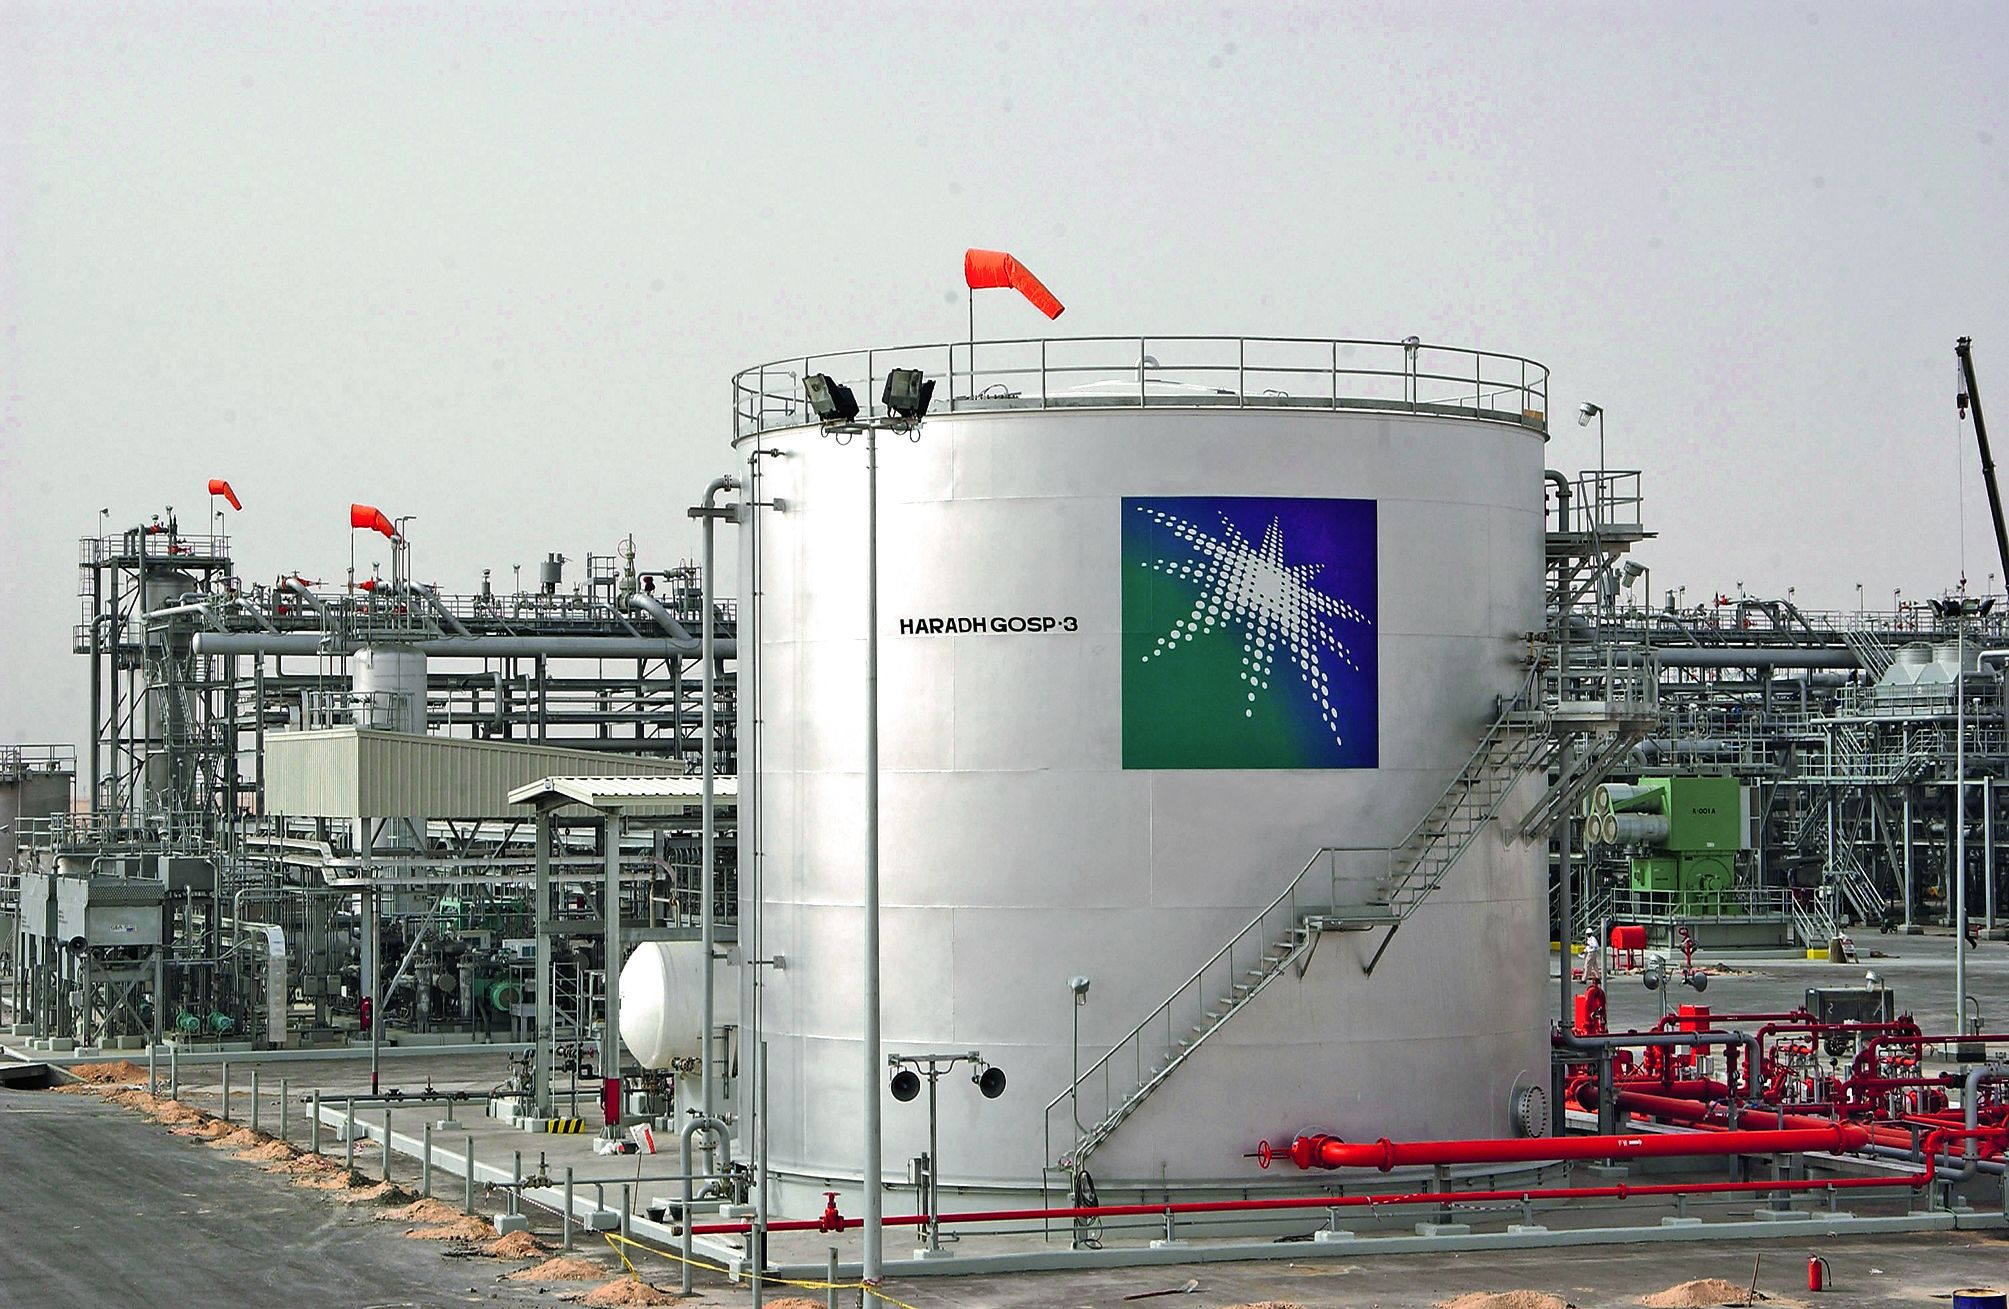 Des réservoirs dans une usine de Haradh, à environ 280 kilomètres au sud-ouest de la ville pétrolière de Dhahran, à l'est de l'Arabie saouditePhoto AFP